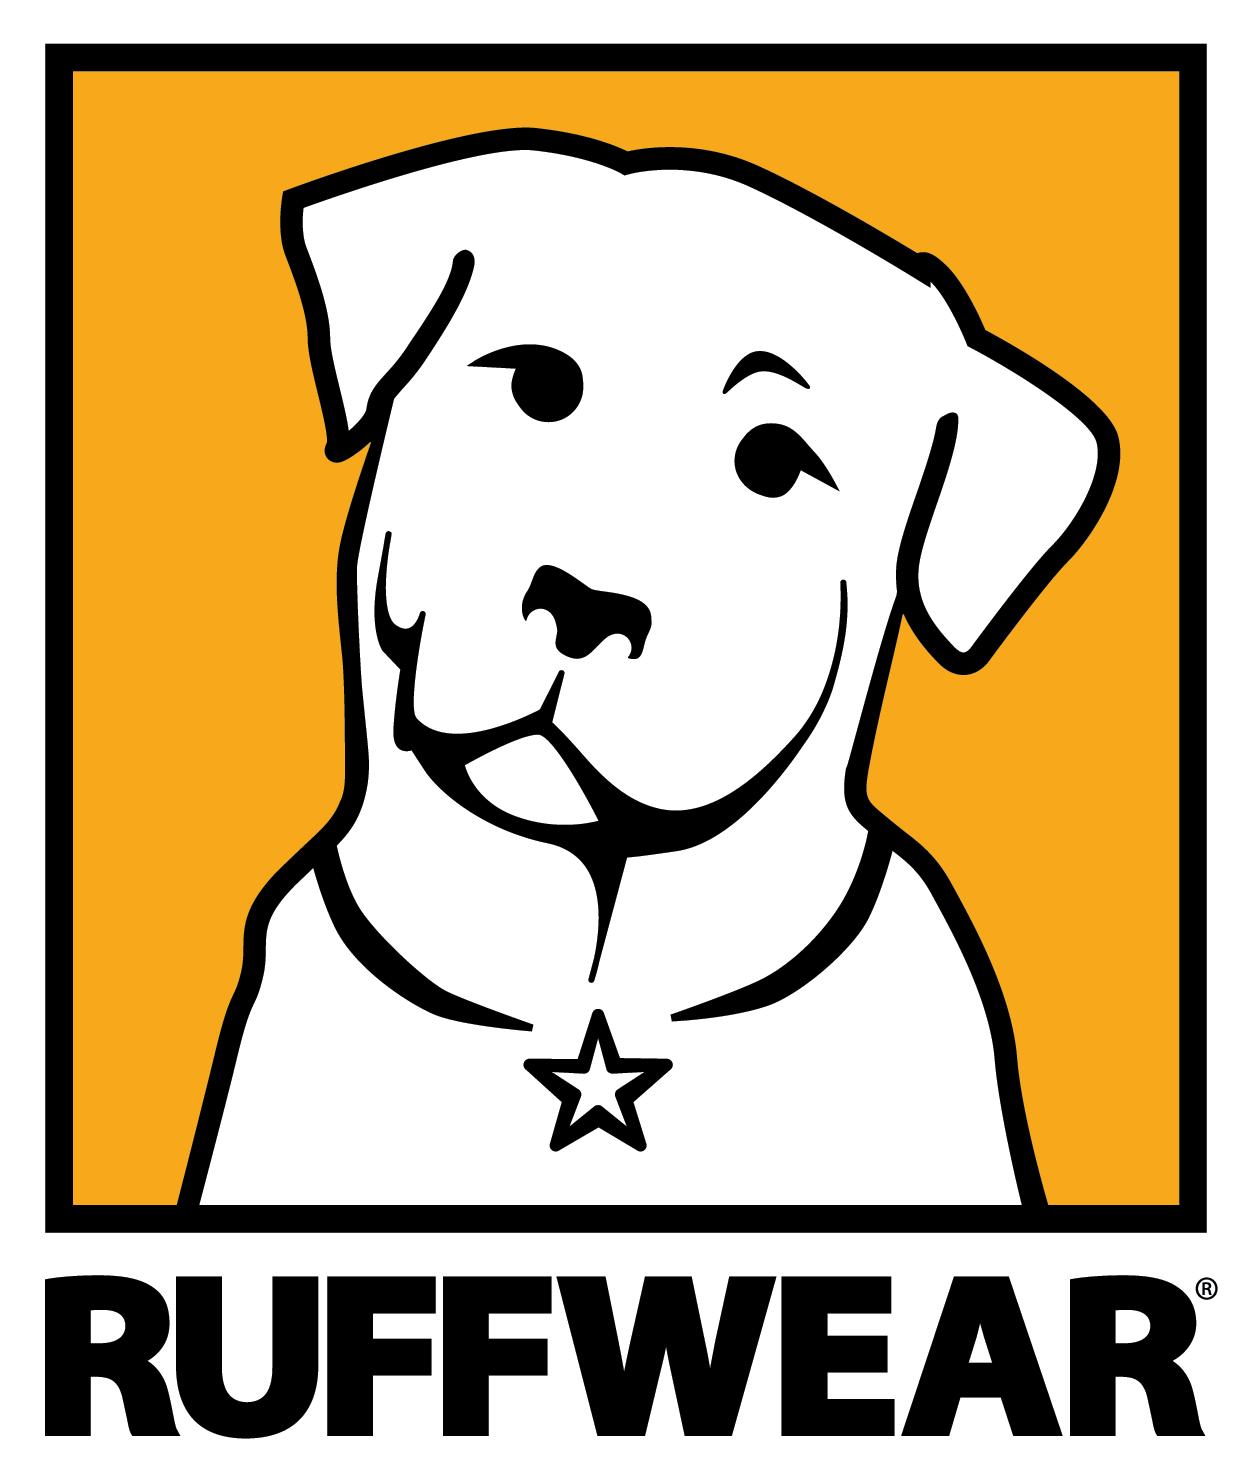 http://www.ruffwear.com/